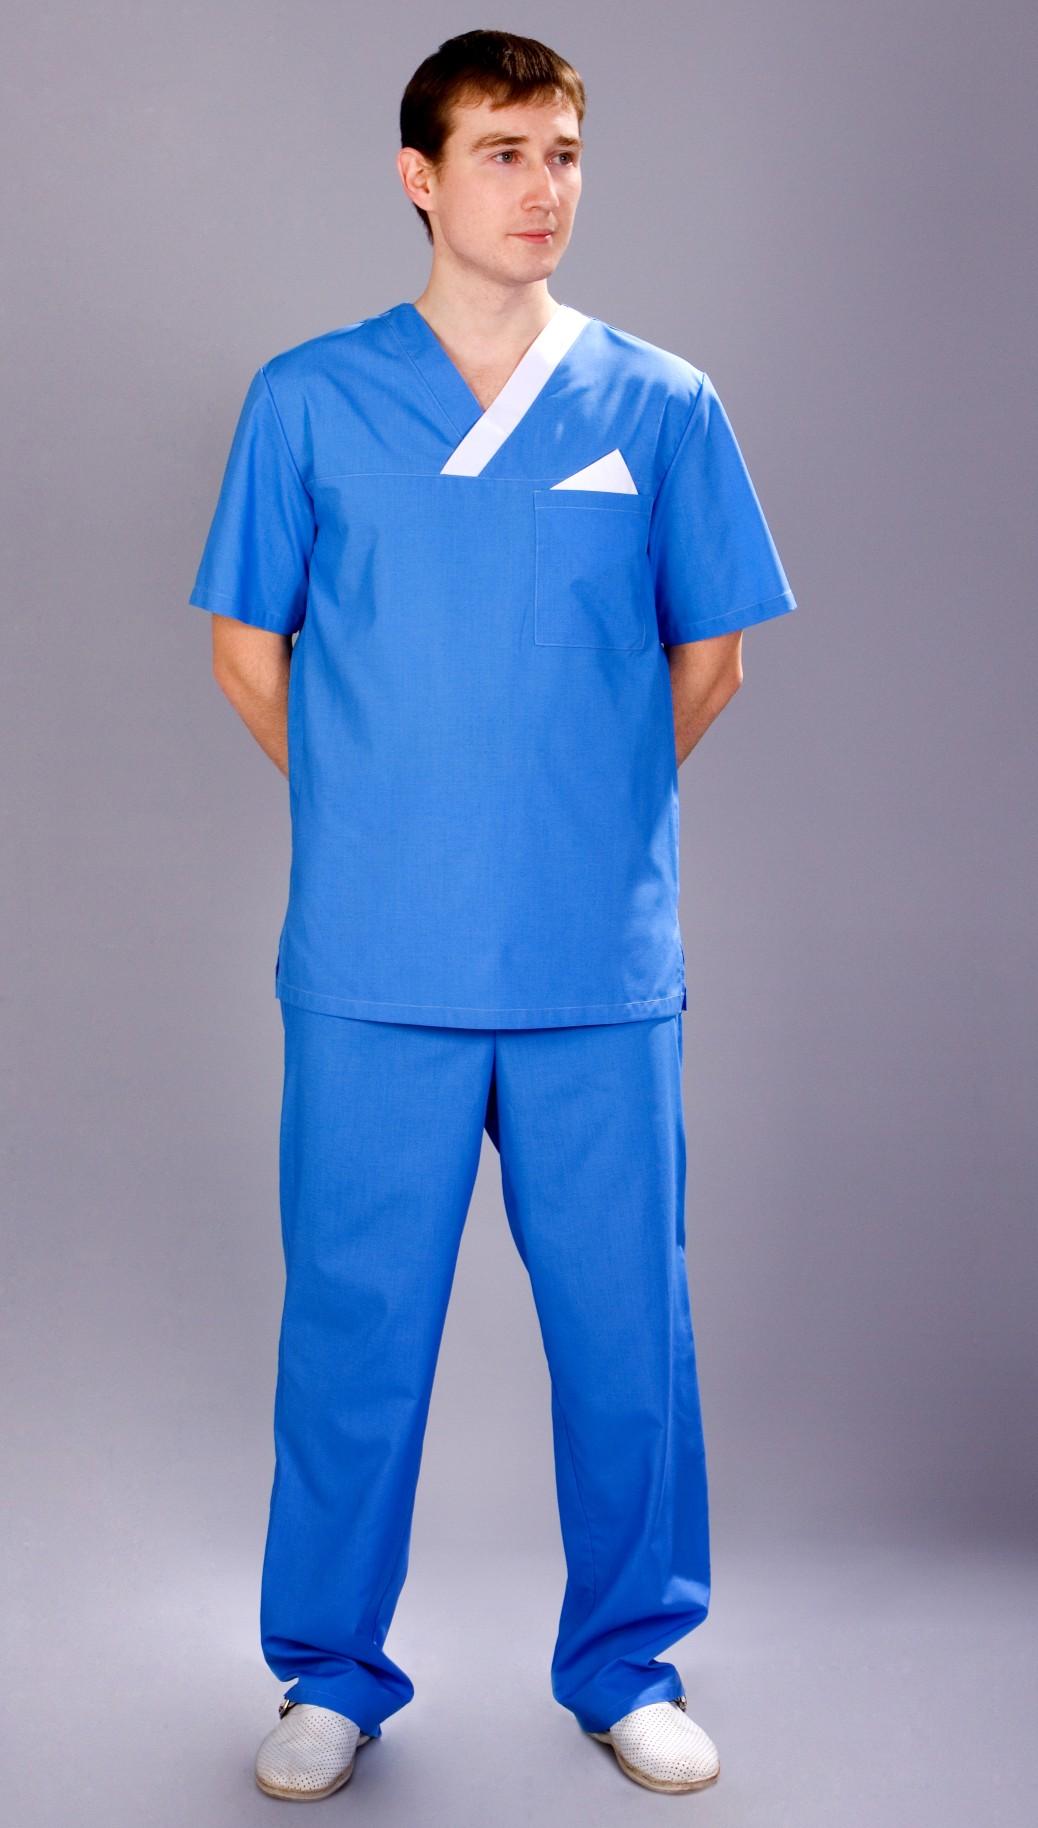 Где купить мужской хирургический костюм